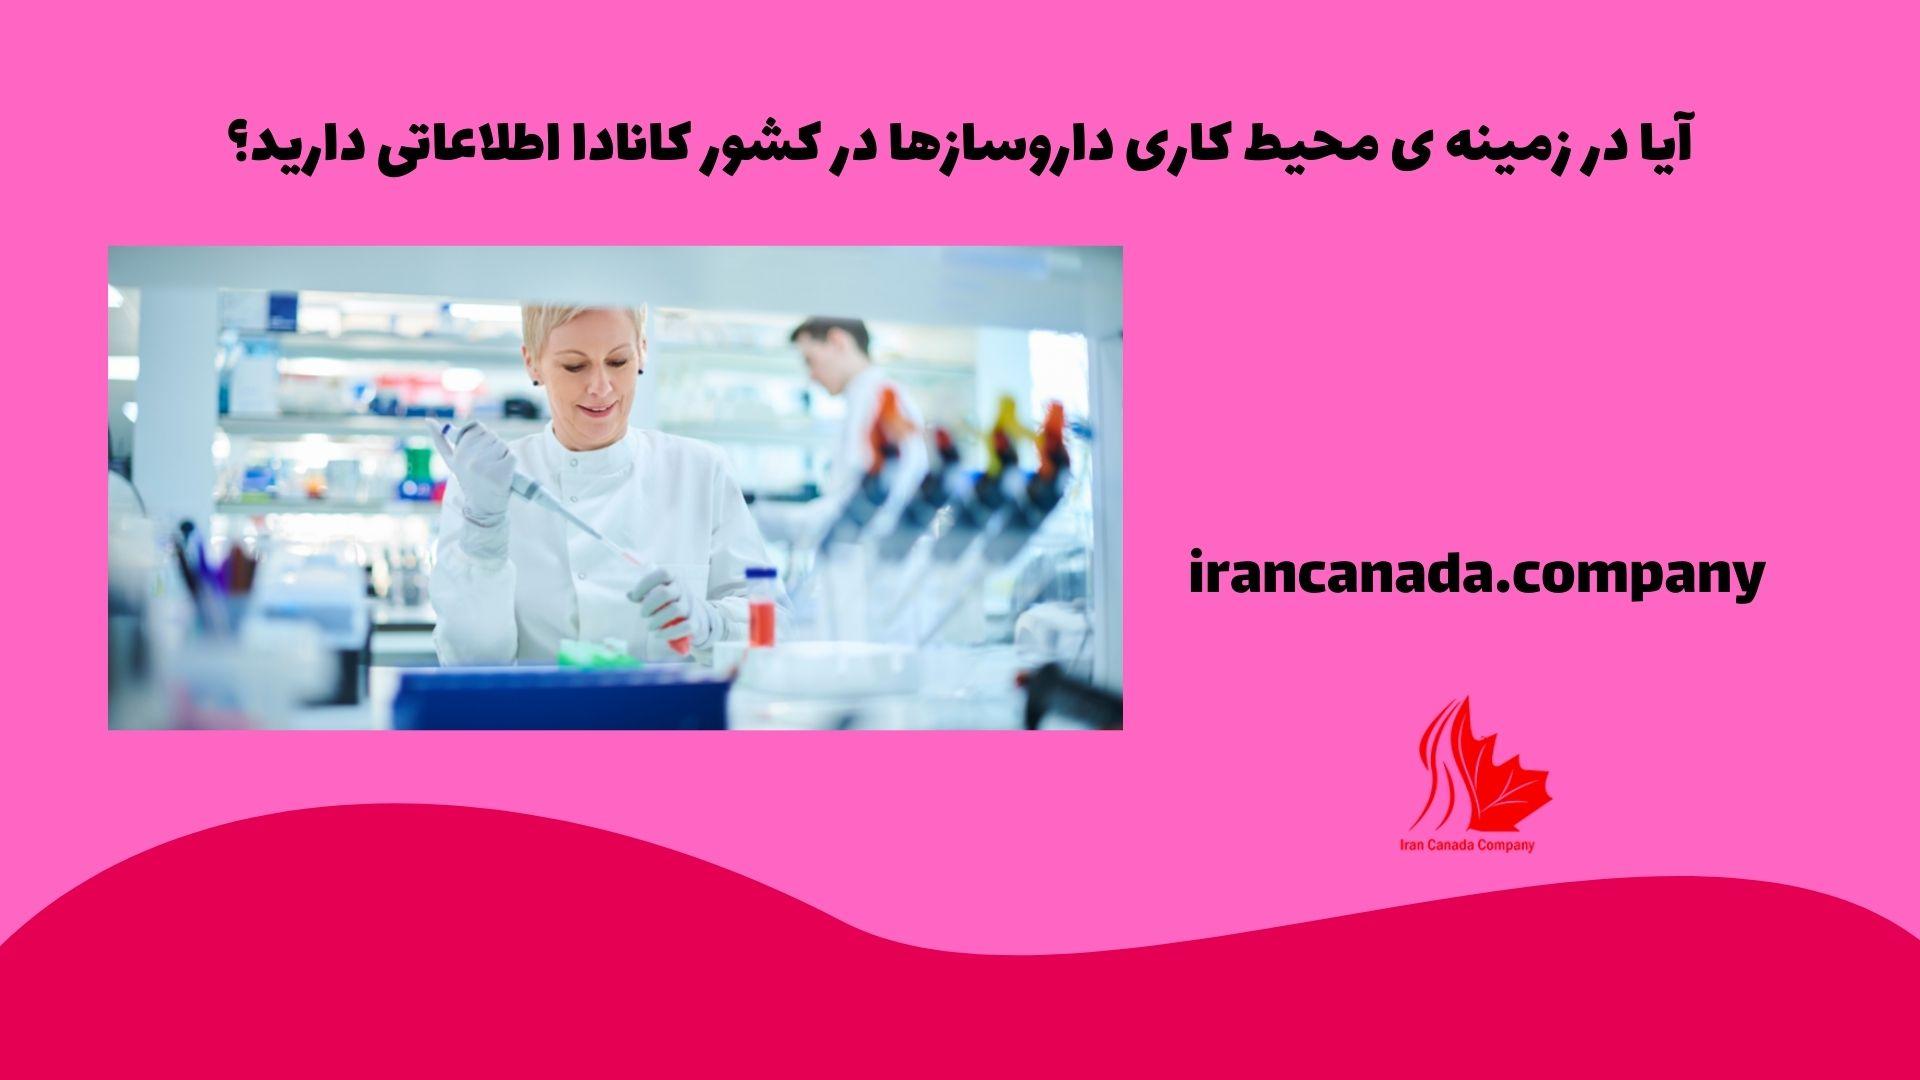 آیا در زمینه ی محیط کاری داروسازها در کشور کانادا اطلاعاتی دارید؟